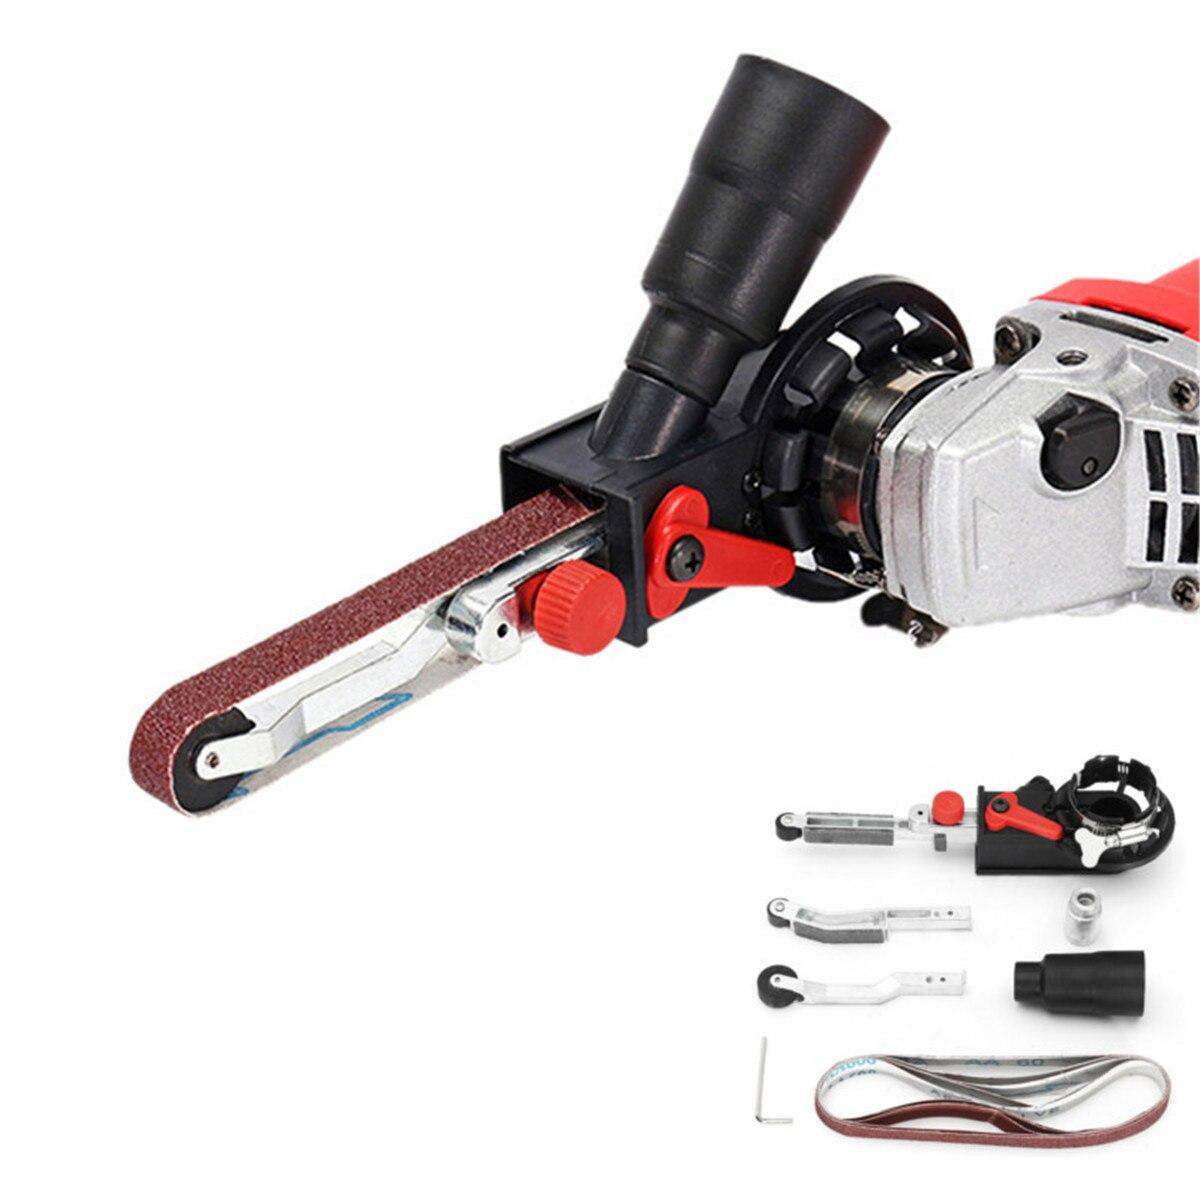 Neue DIY Sander Schleifen Gürtel Adapter Für 115/125 Elektrische Winkel Grinder mit M14 Gewinde Spindel Für holzbearbeitung Metallbearbeitung